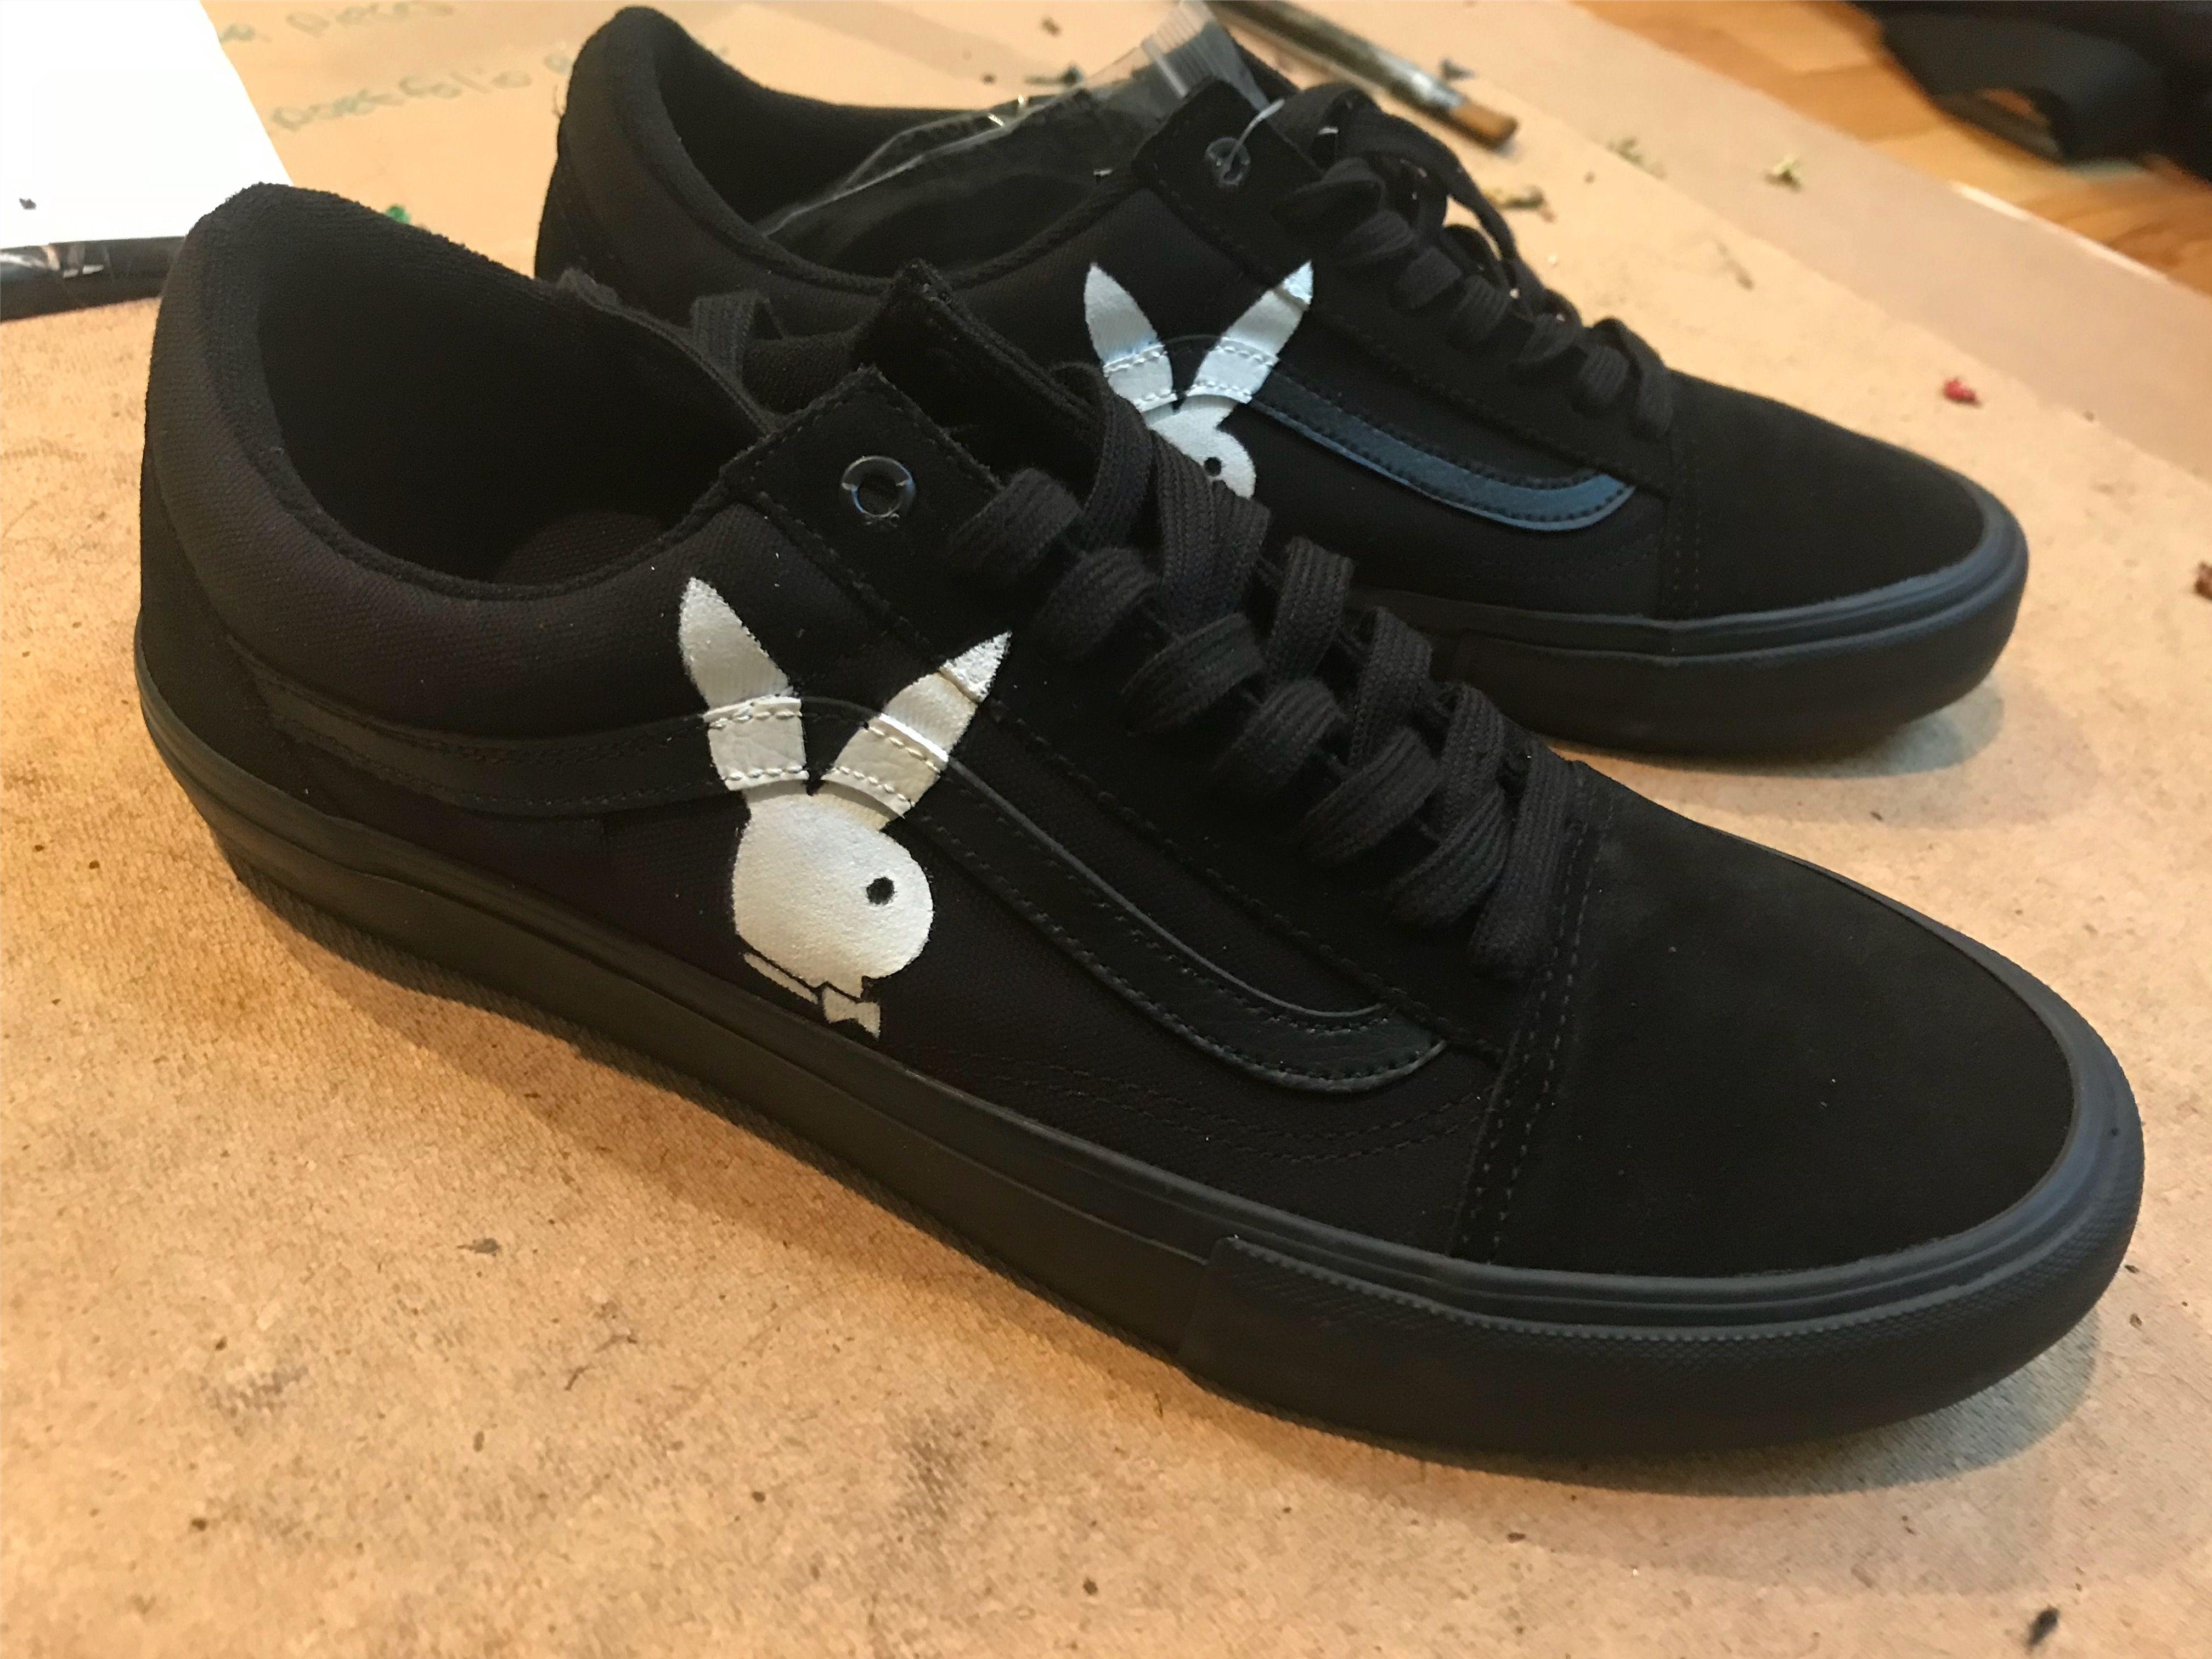 add73d4c44 Playboy bunny vans black old skool | Custom Hand Painted Shoes in ...